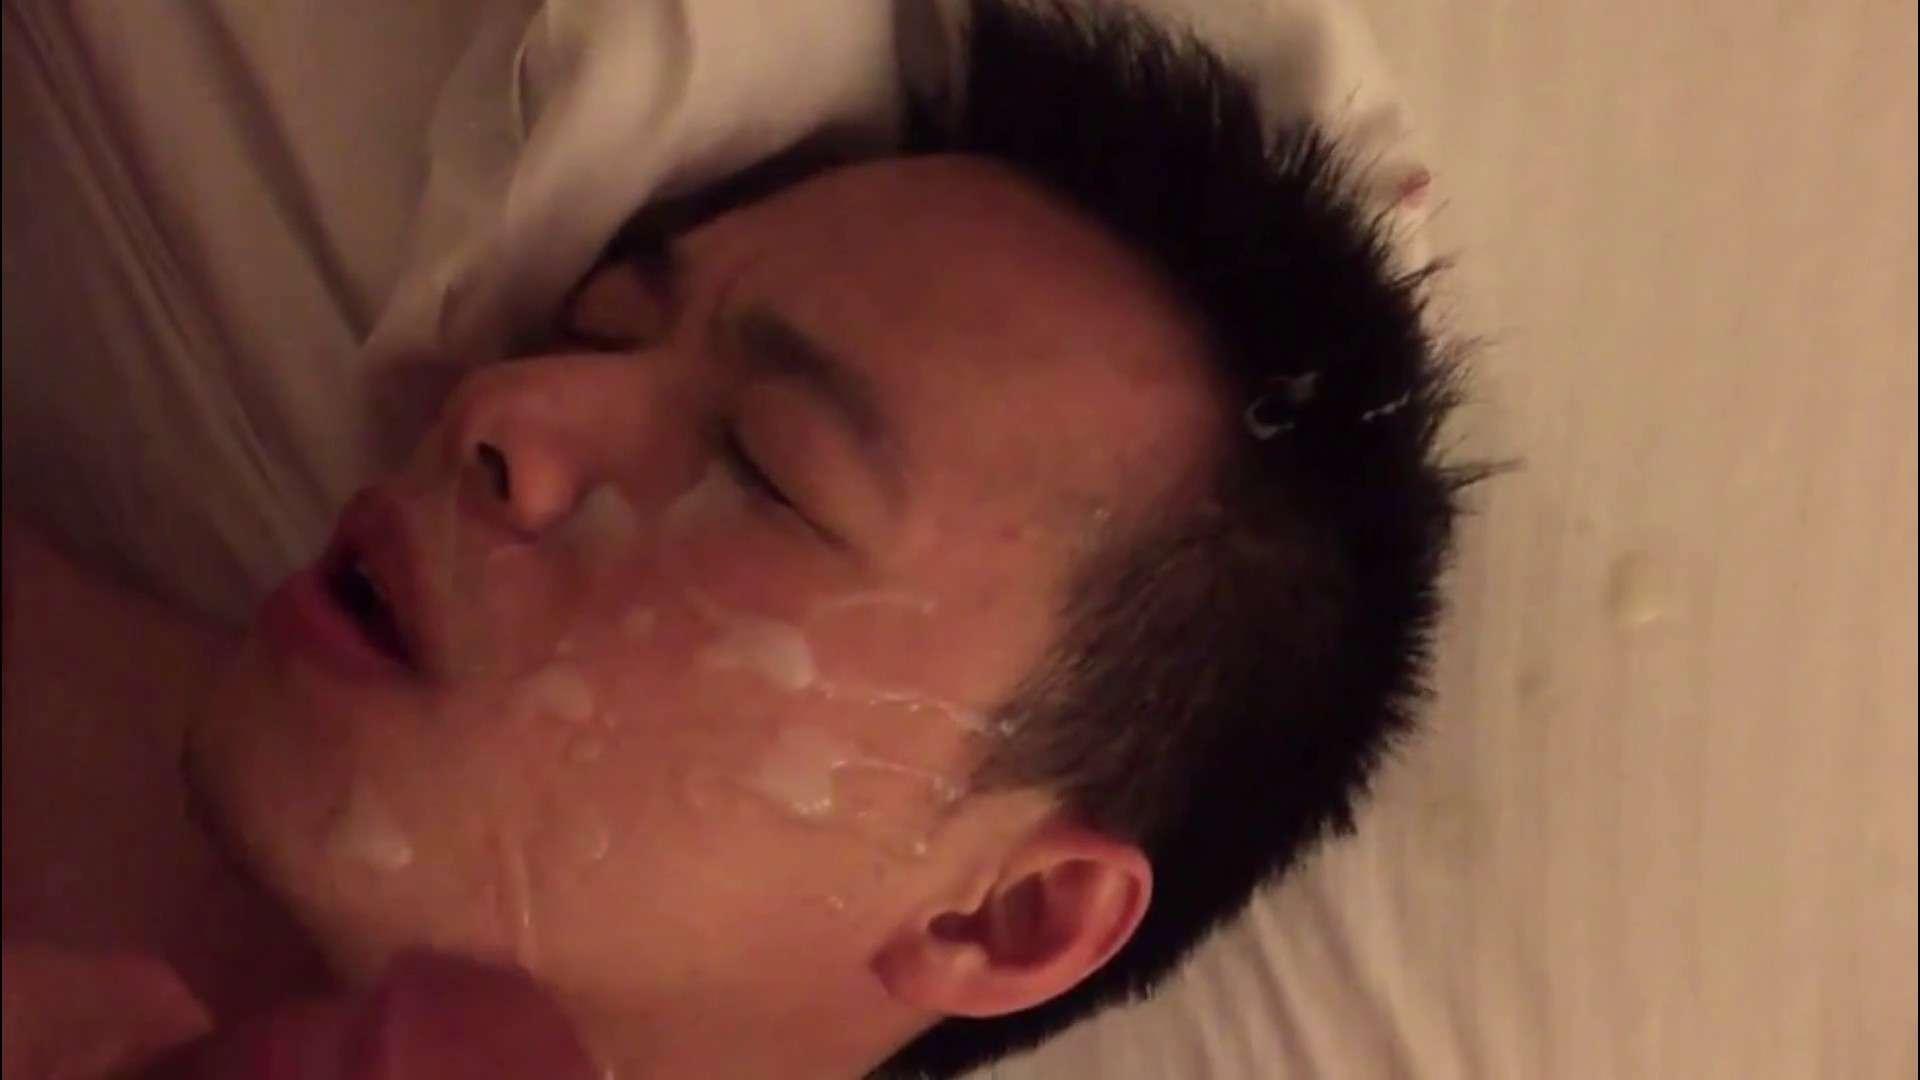 エロいフェラシーンをピックアップvol43 エロ特集 ゲイアダルトビデオ画像 108pic 79